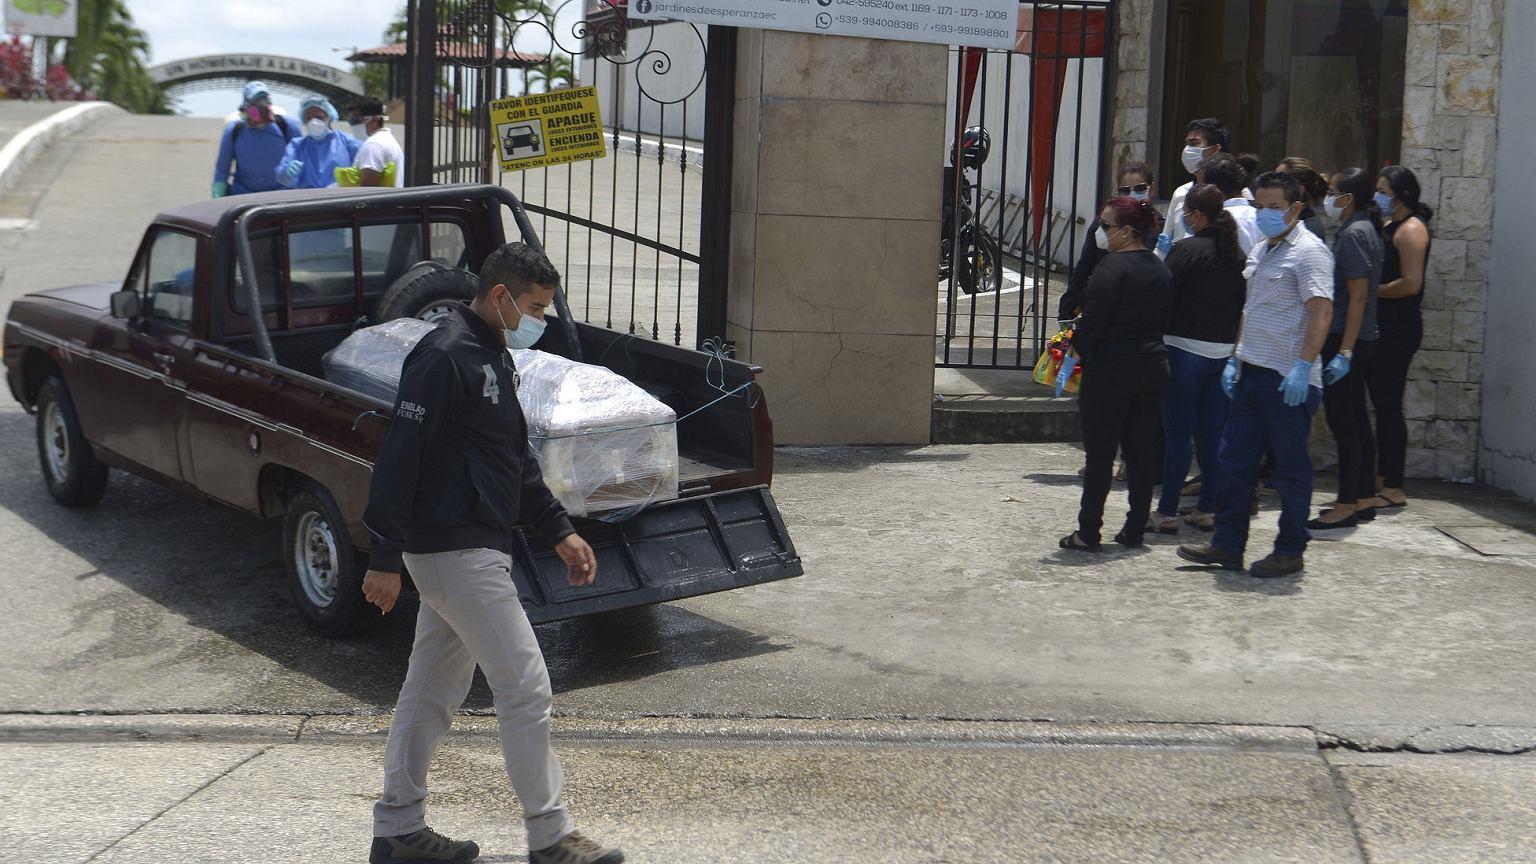 Pandemia koronawirusa. W Ekwadorze służby nie odbierają zwłok. Mieszkańcy muszą wynosić je na ulice